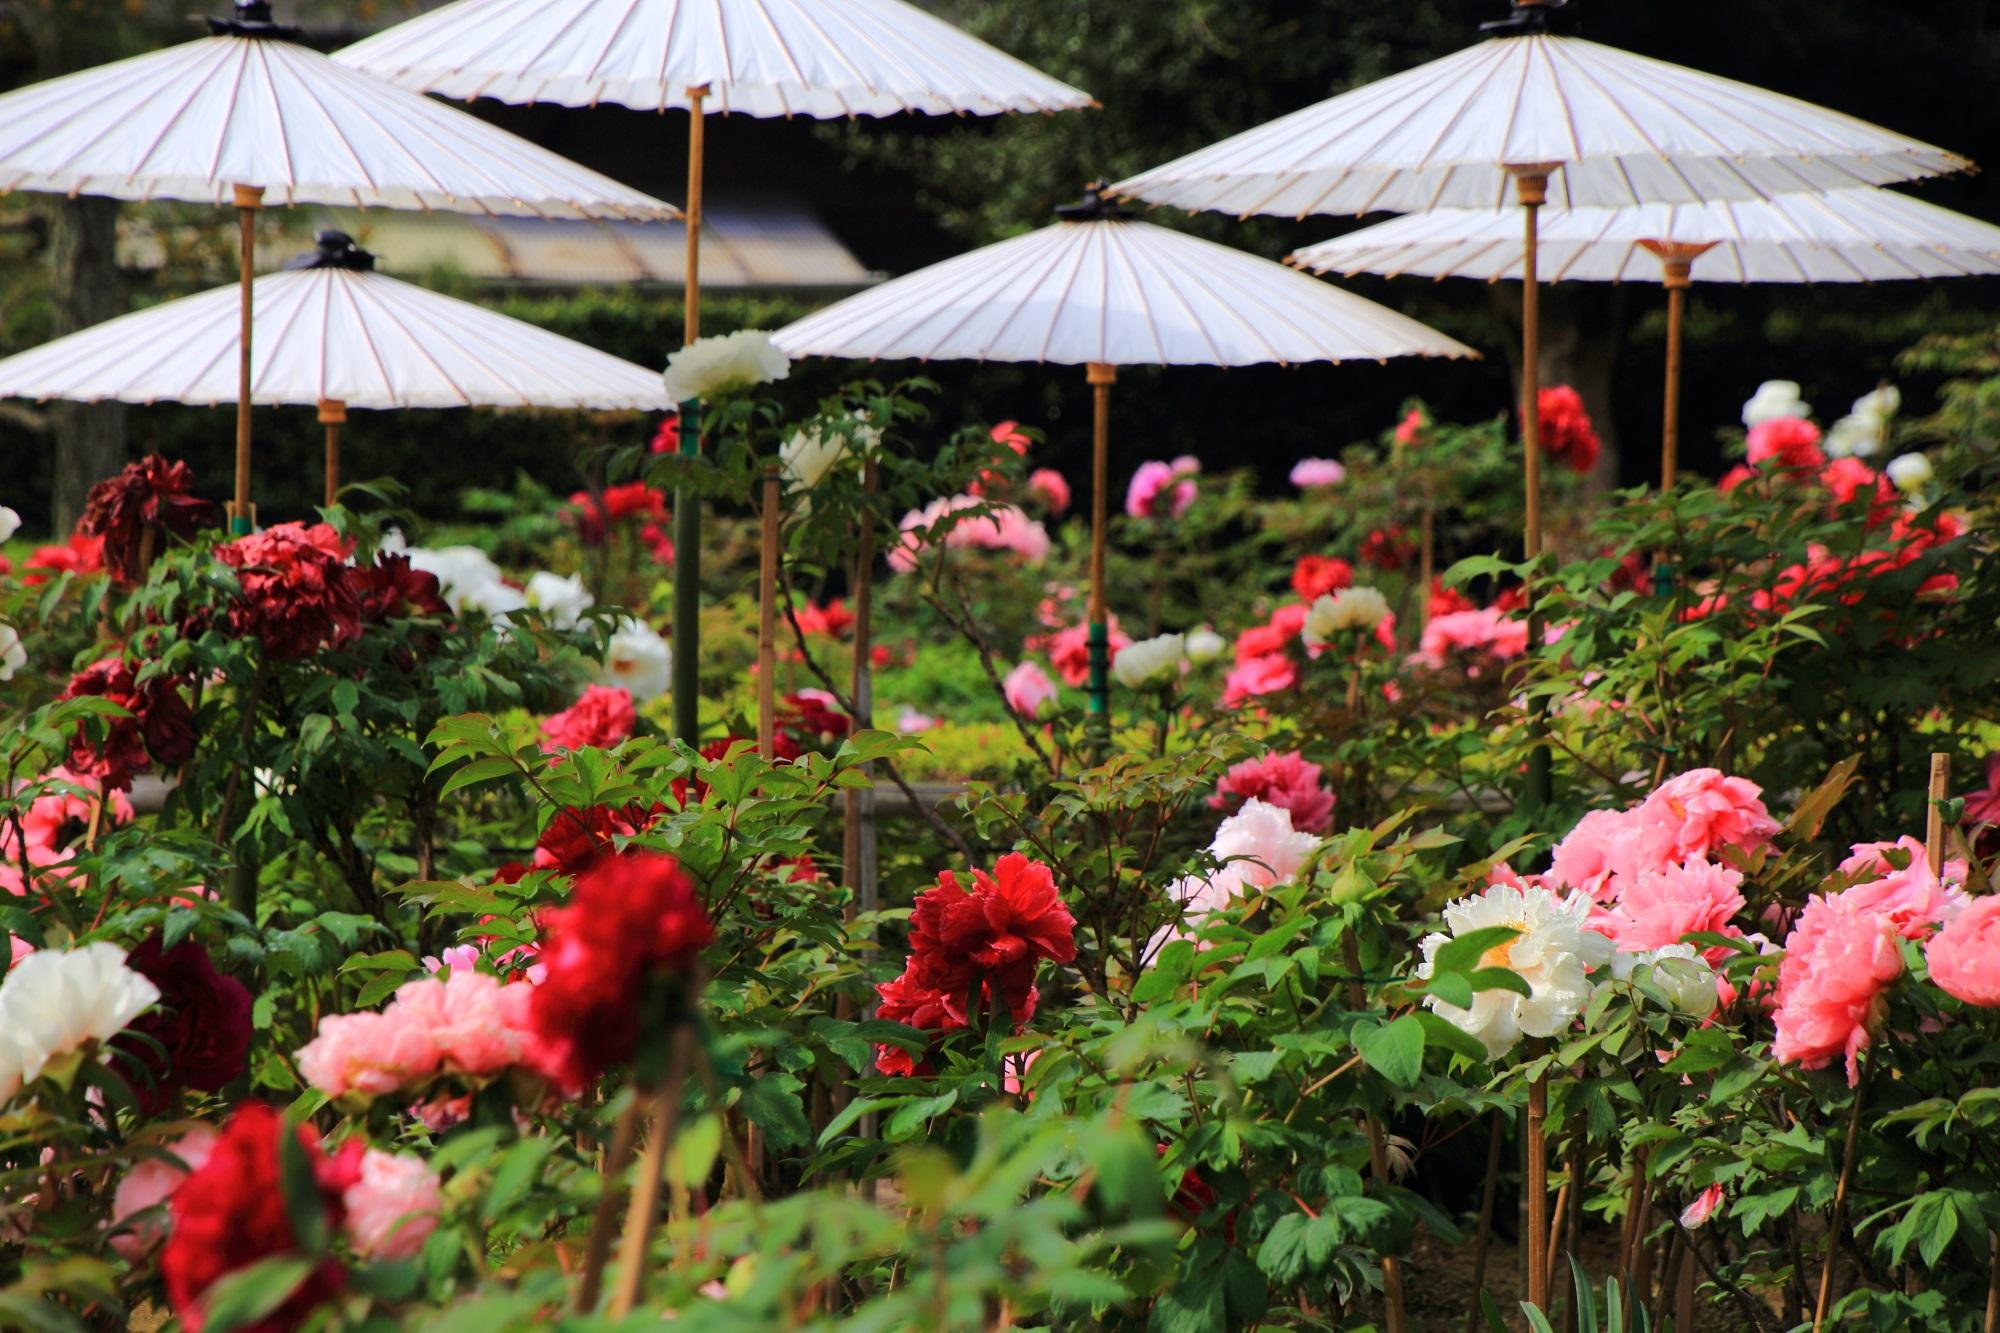 牡丹の美しさを引き立てる乙訓寺の和傘